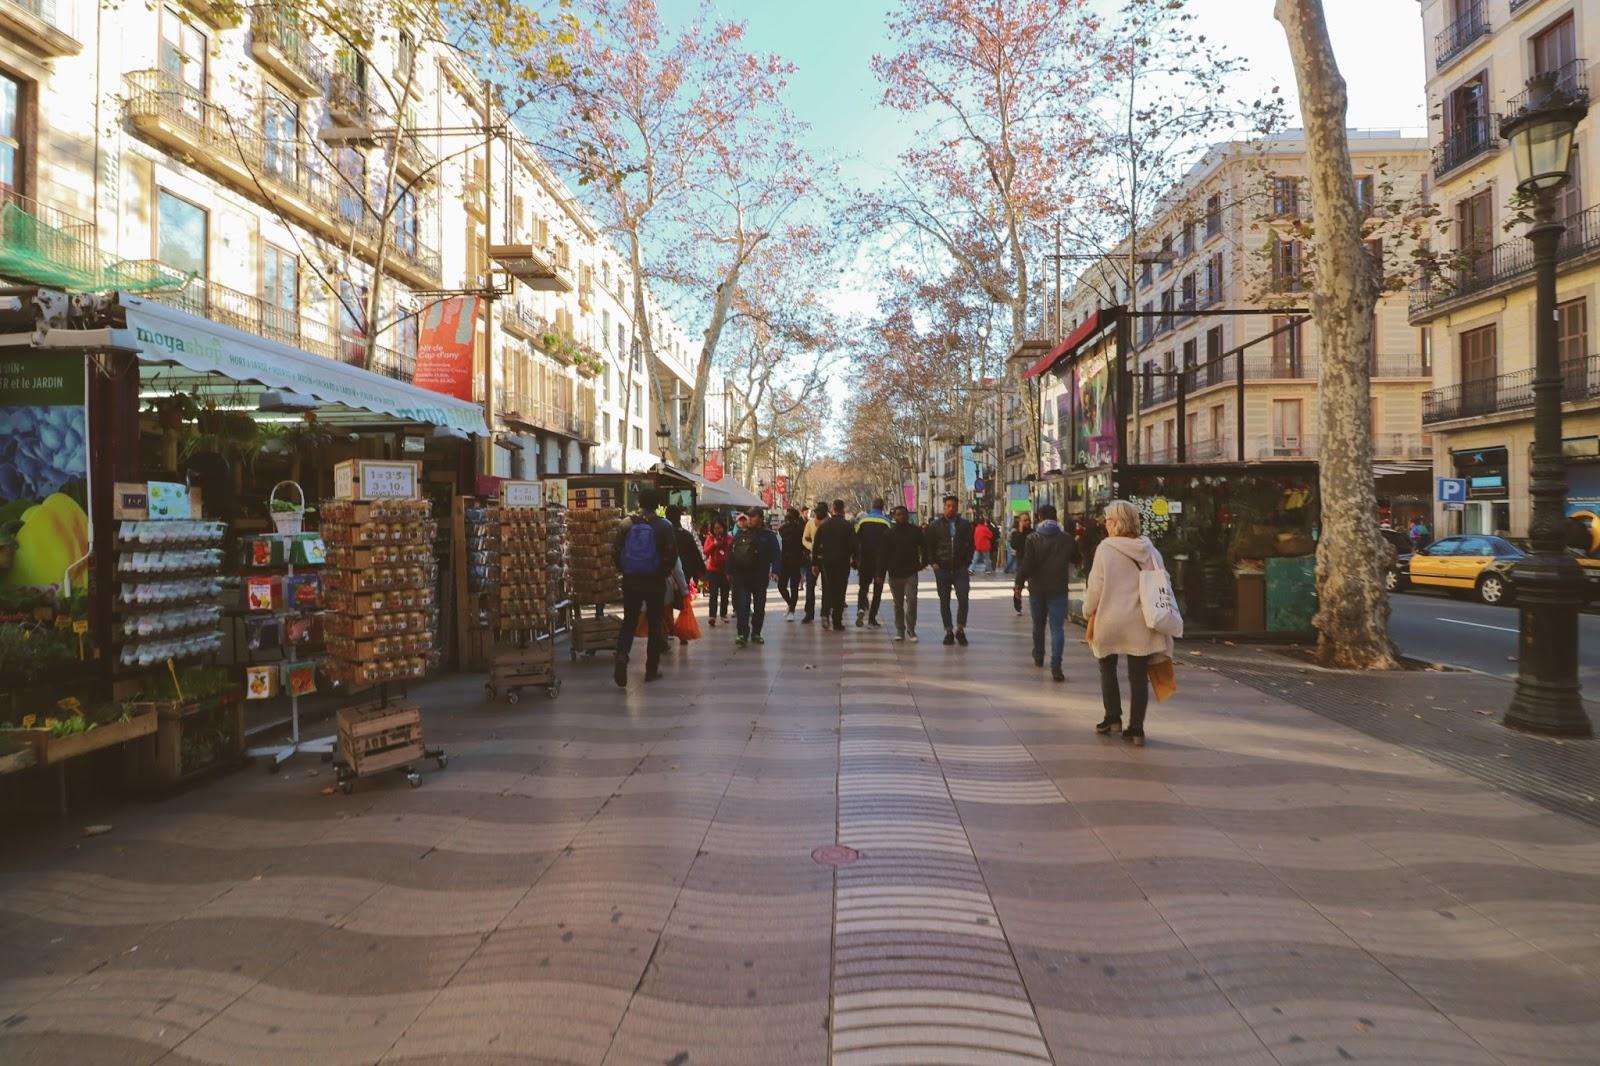 atrakcje barcelony, co warto zobaczyć w barcelonie